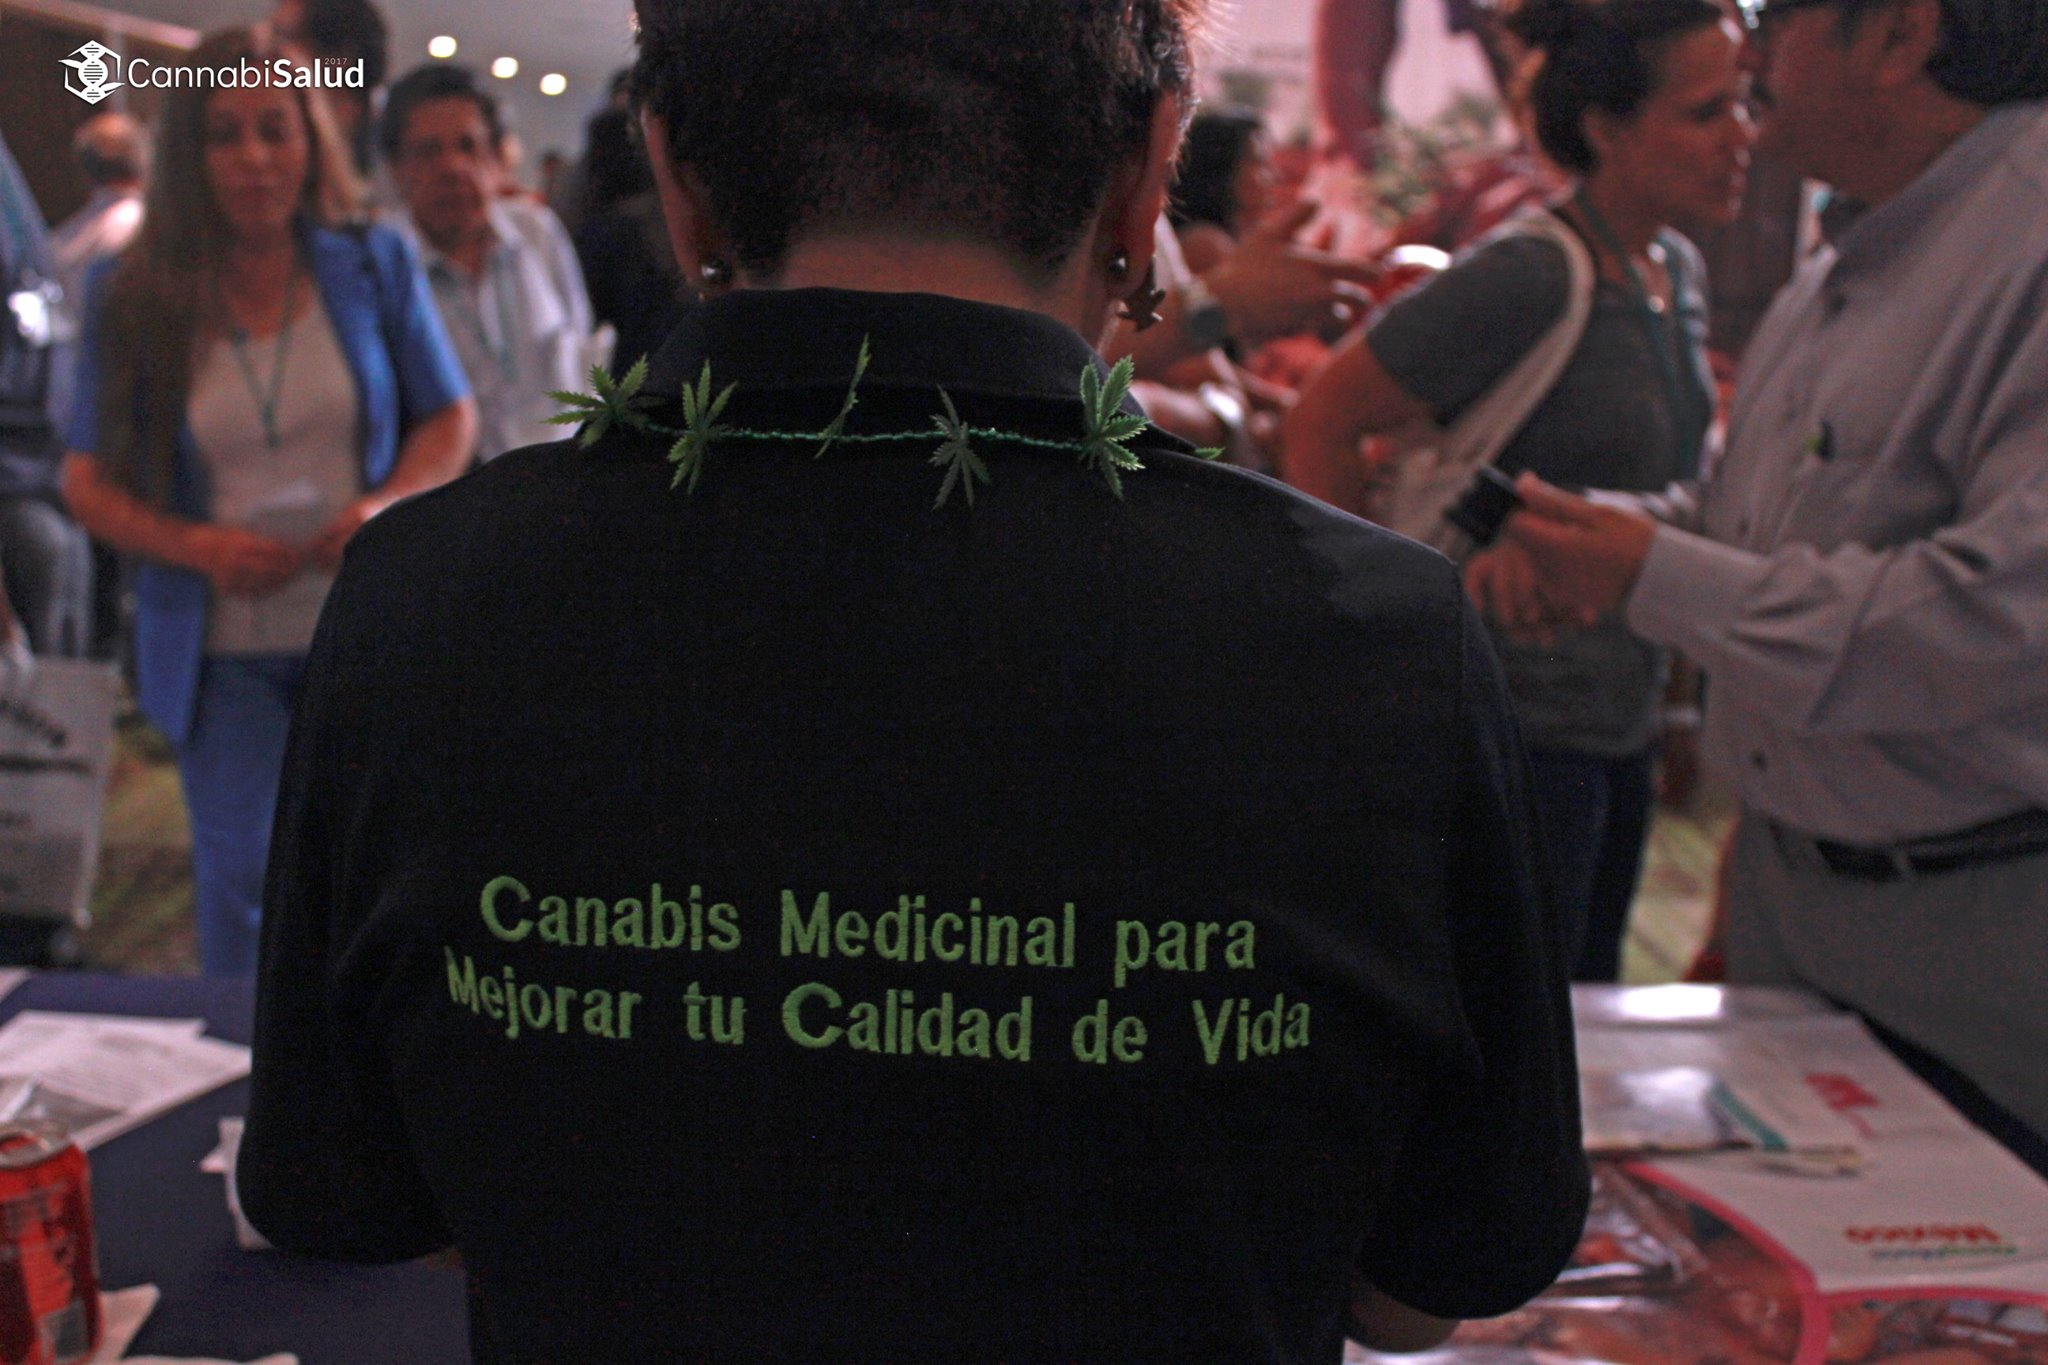 Nación Cannabis | Guadalajara recibe el Cannabis Salud 2017: primer foro cannábico de investigación aplicada en México